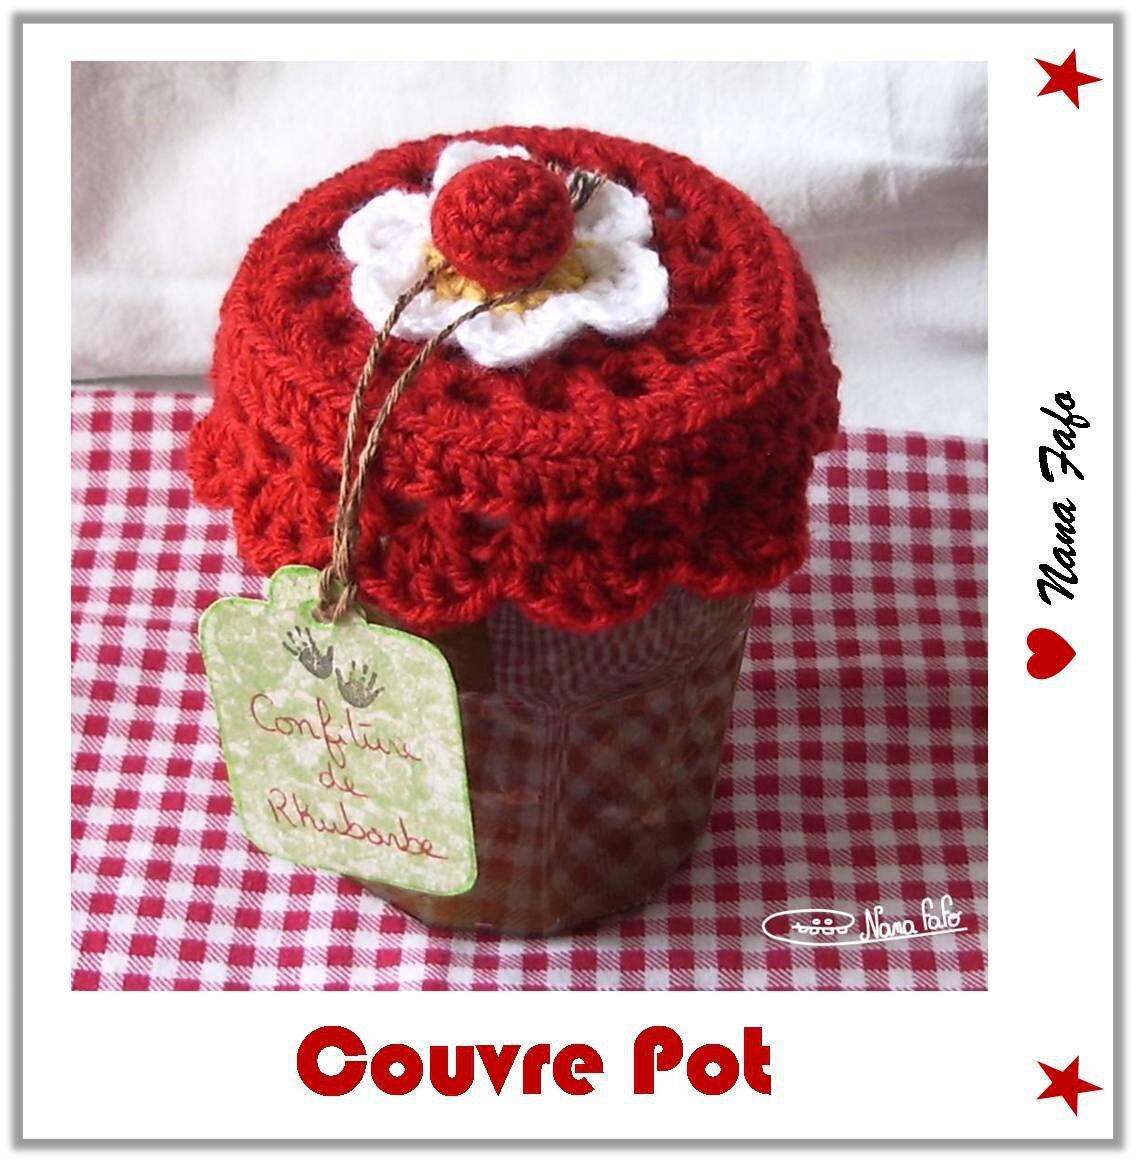 Couvre pot